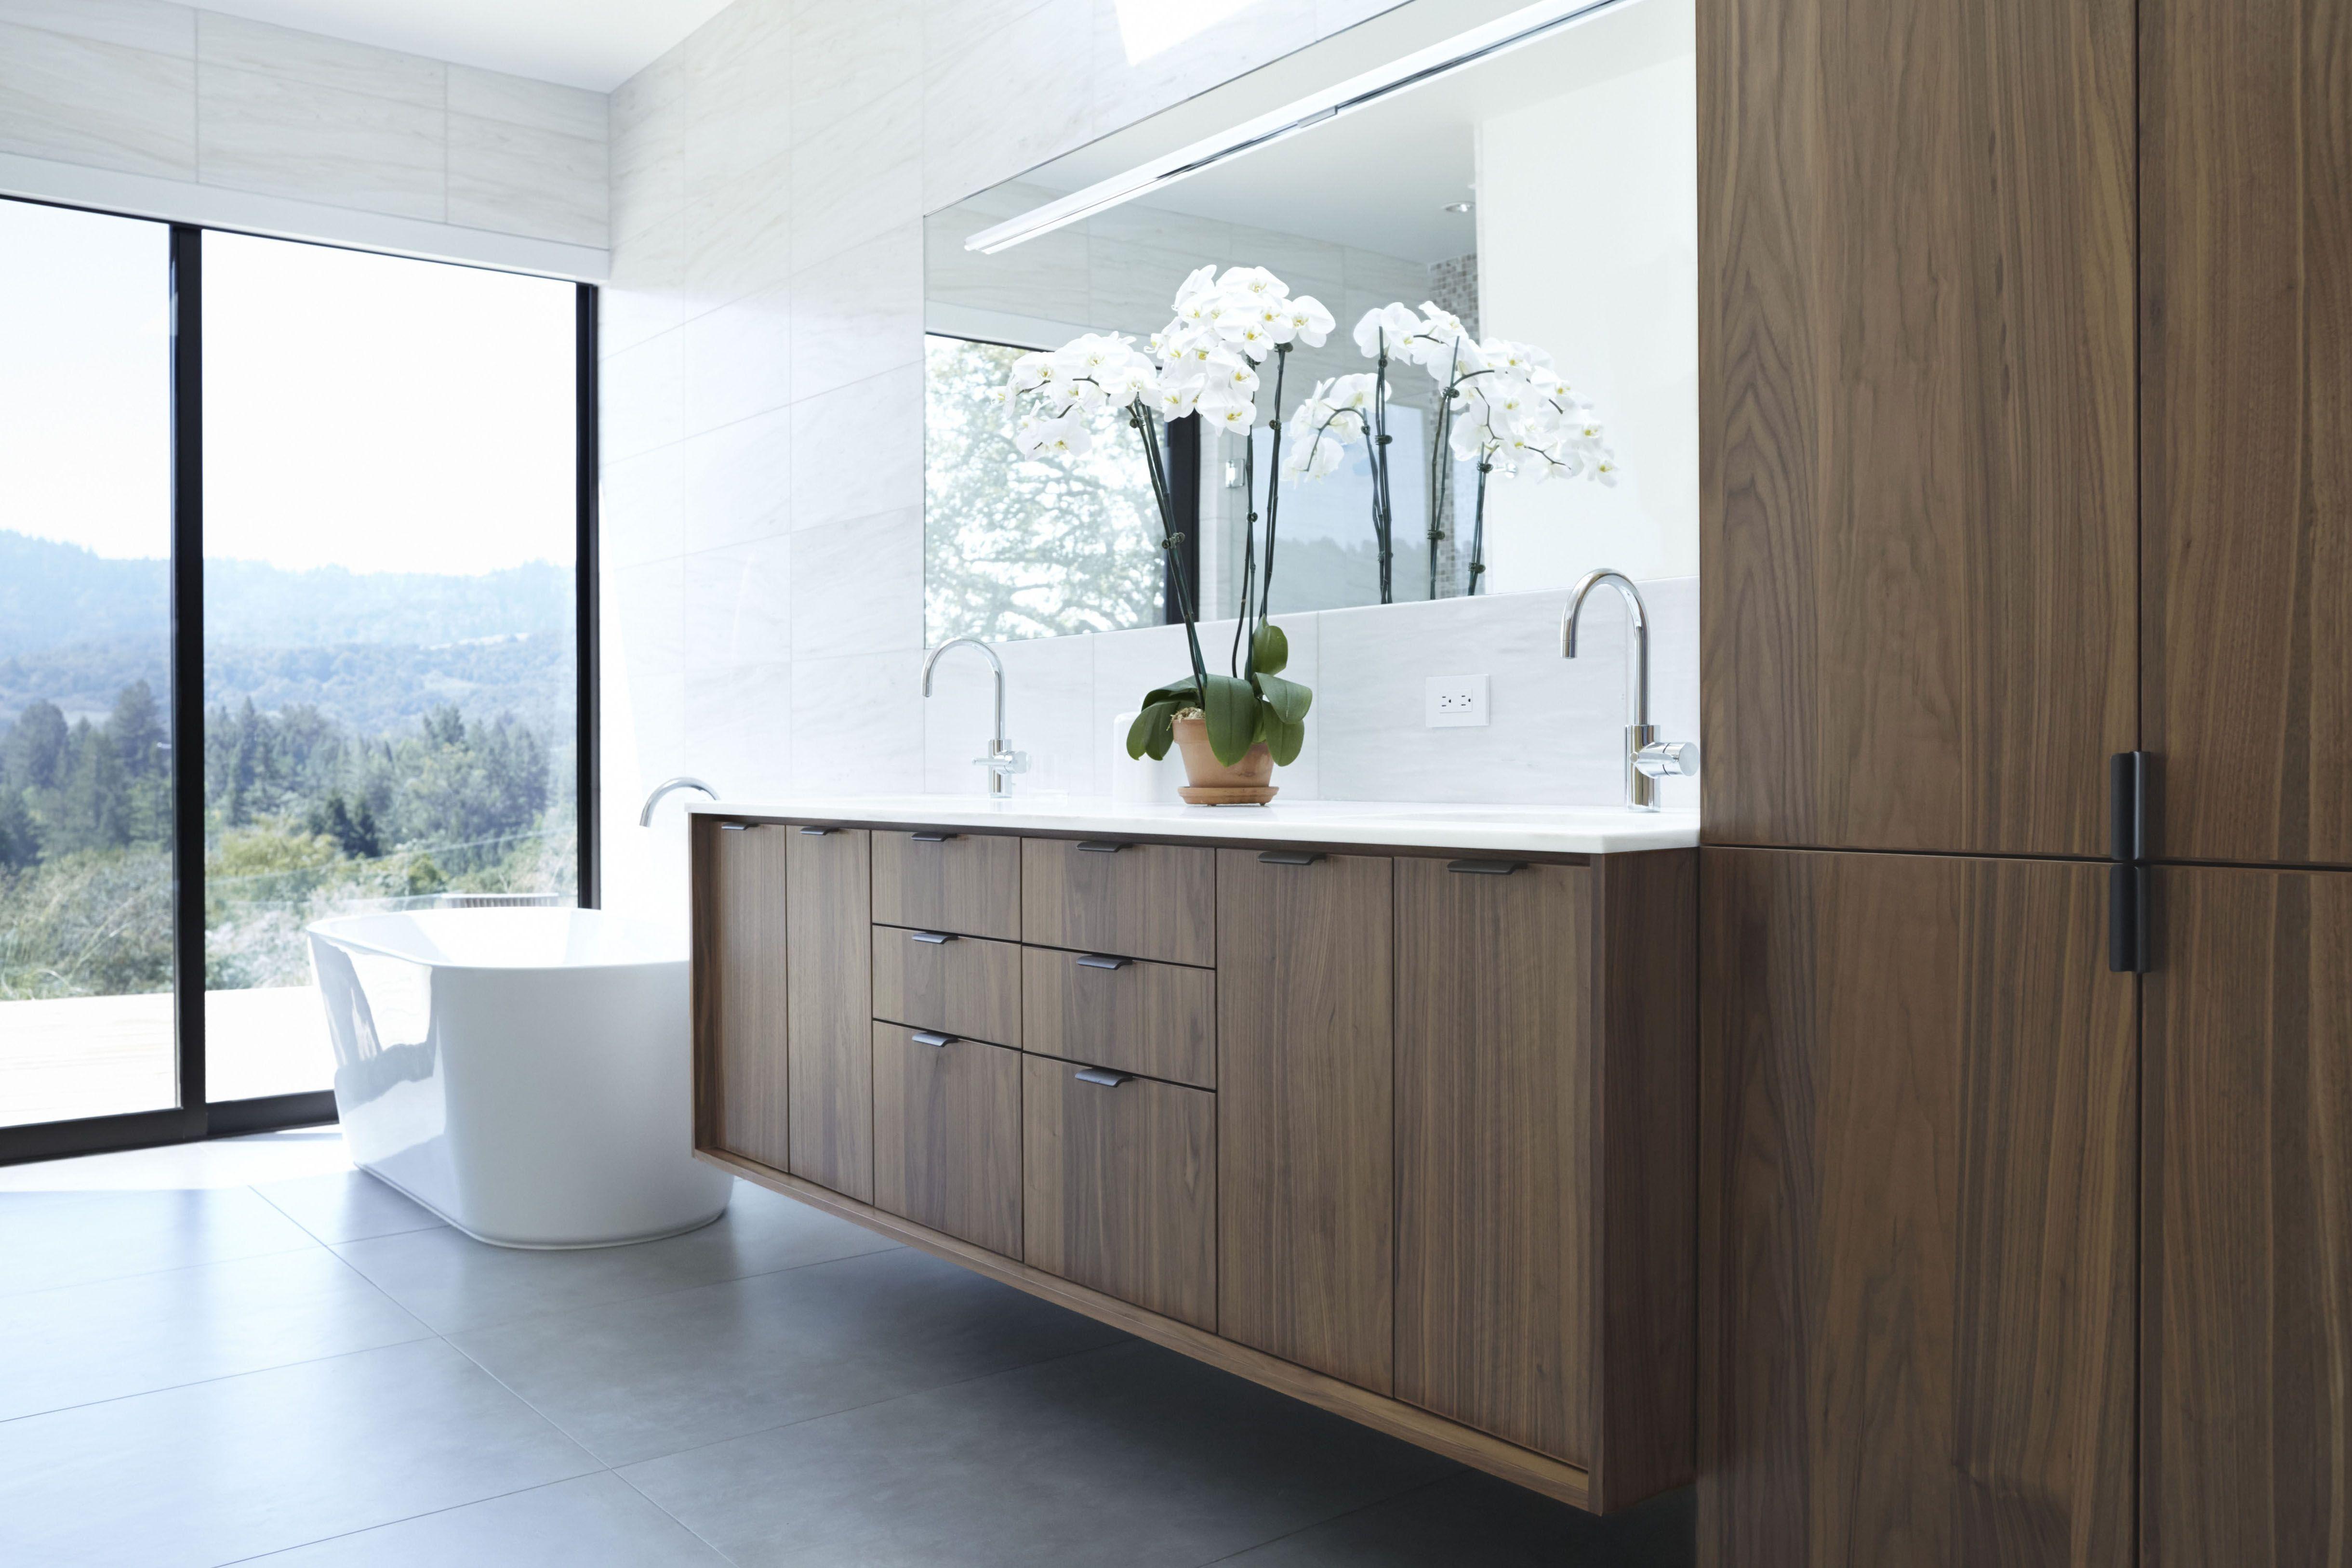 Whole House Bathroom Vanity Bathroom Vanity Redo Brown Bathroom